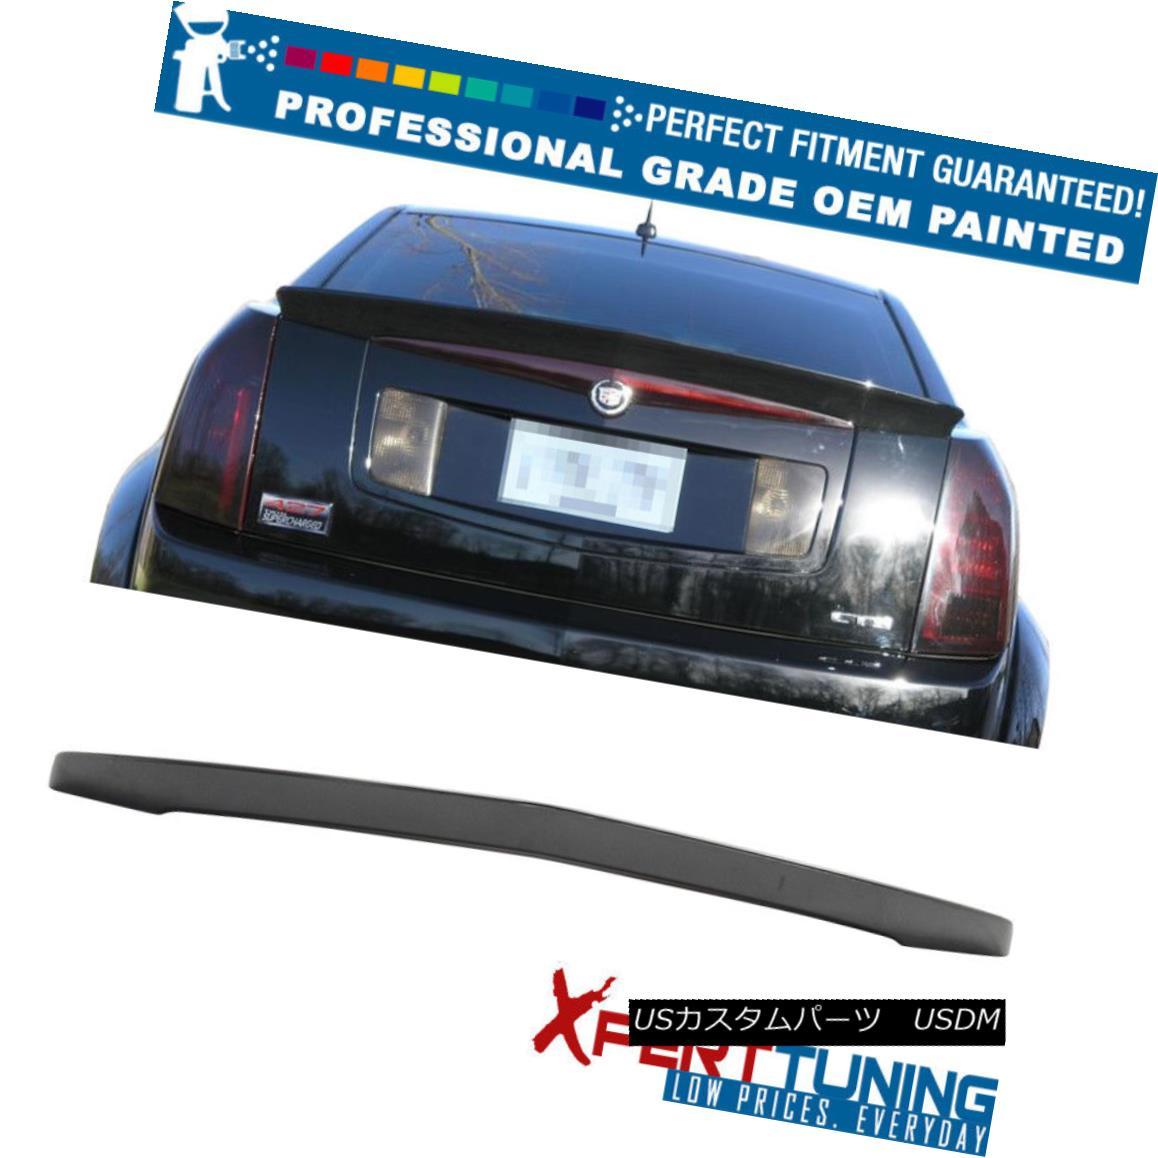 エアロパーツ 03-07 Cadillac CTS OE Style Painted ABS Trunk Spoiler - OEM Painted Color 03-07キャデラックCTS OEスタイル塗装ABSトランク・スポイラー - OEM塗装カラー